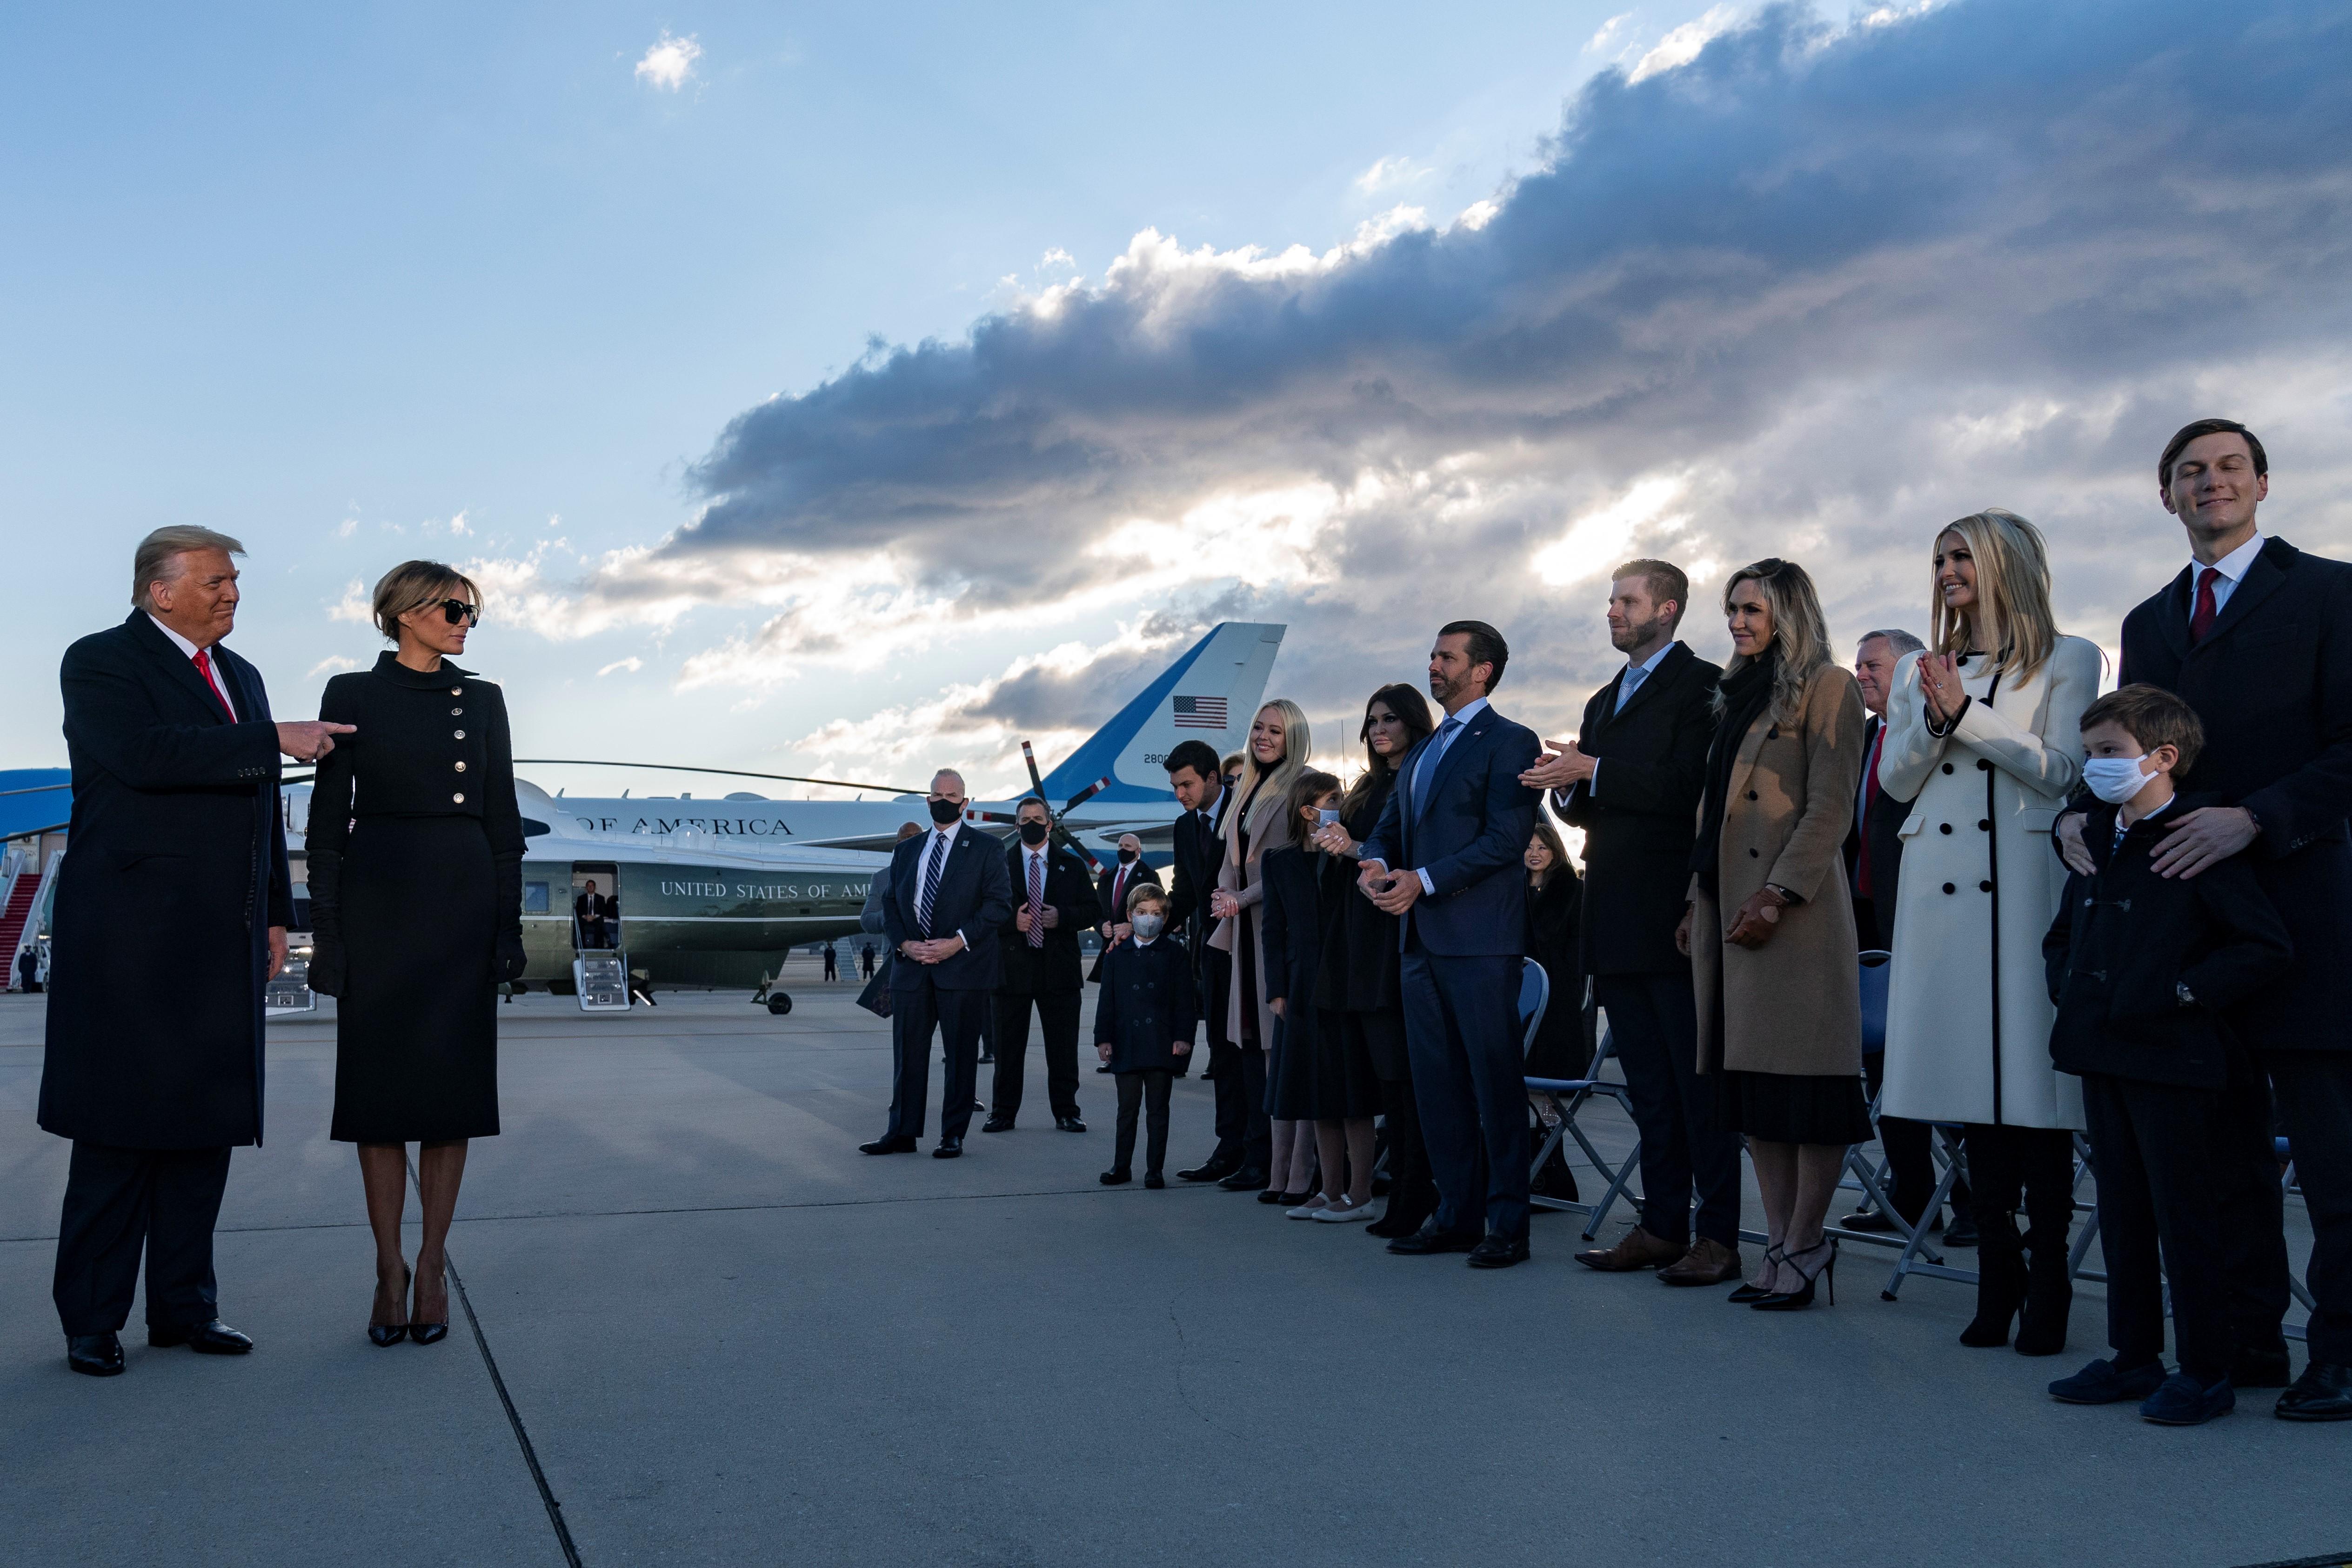 Alex Edelman/AFP/Getty Images